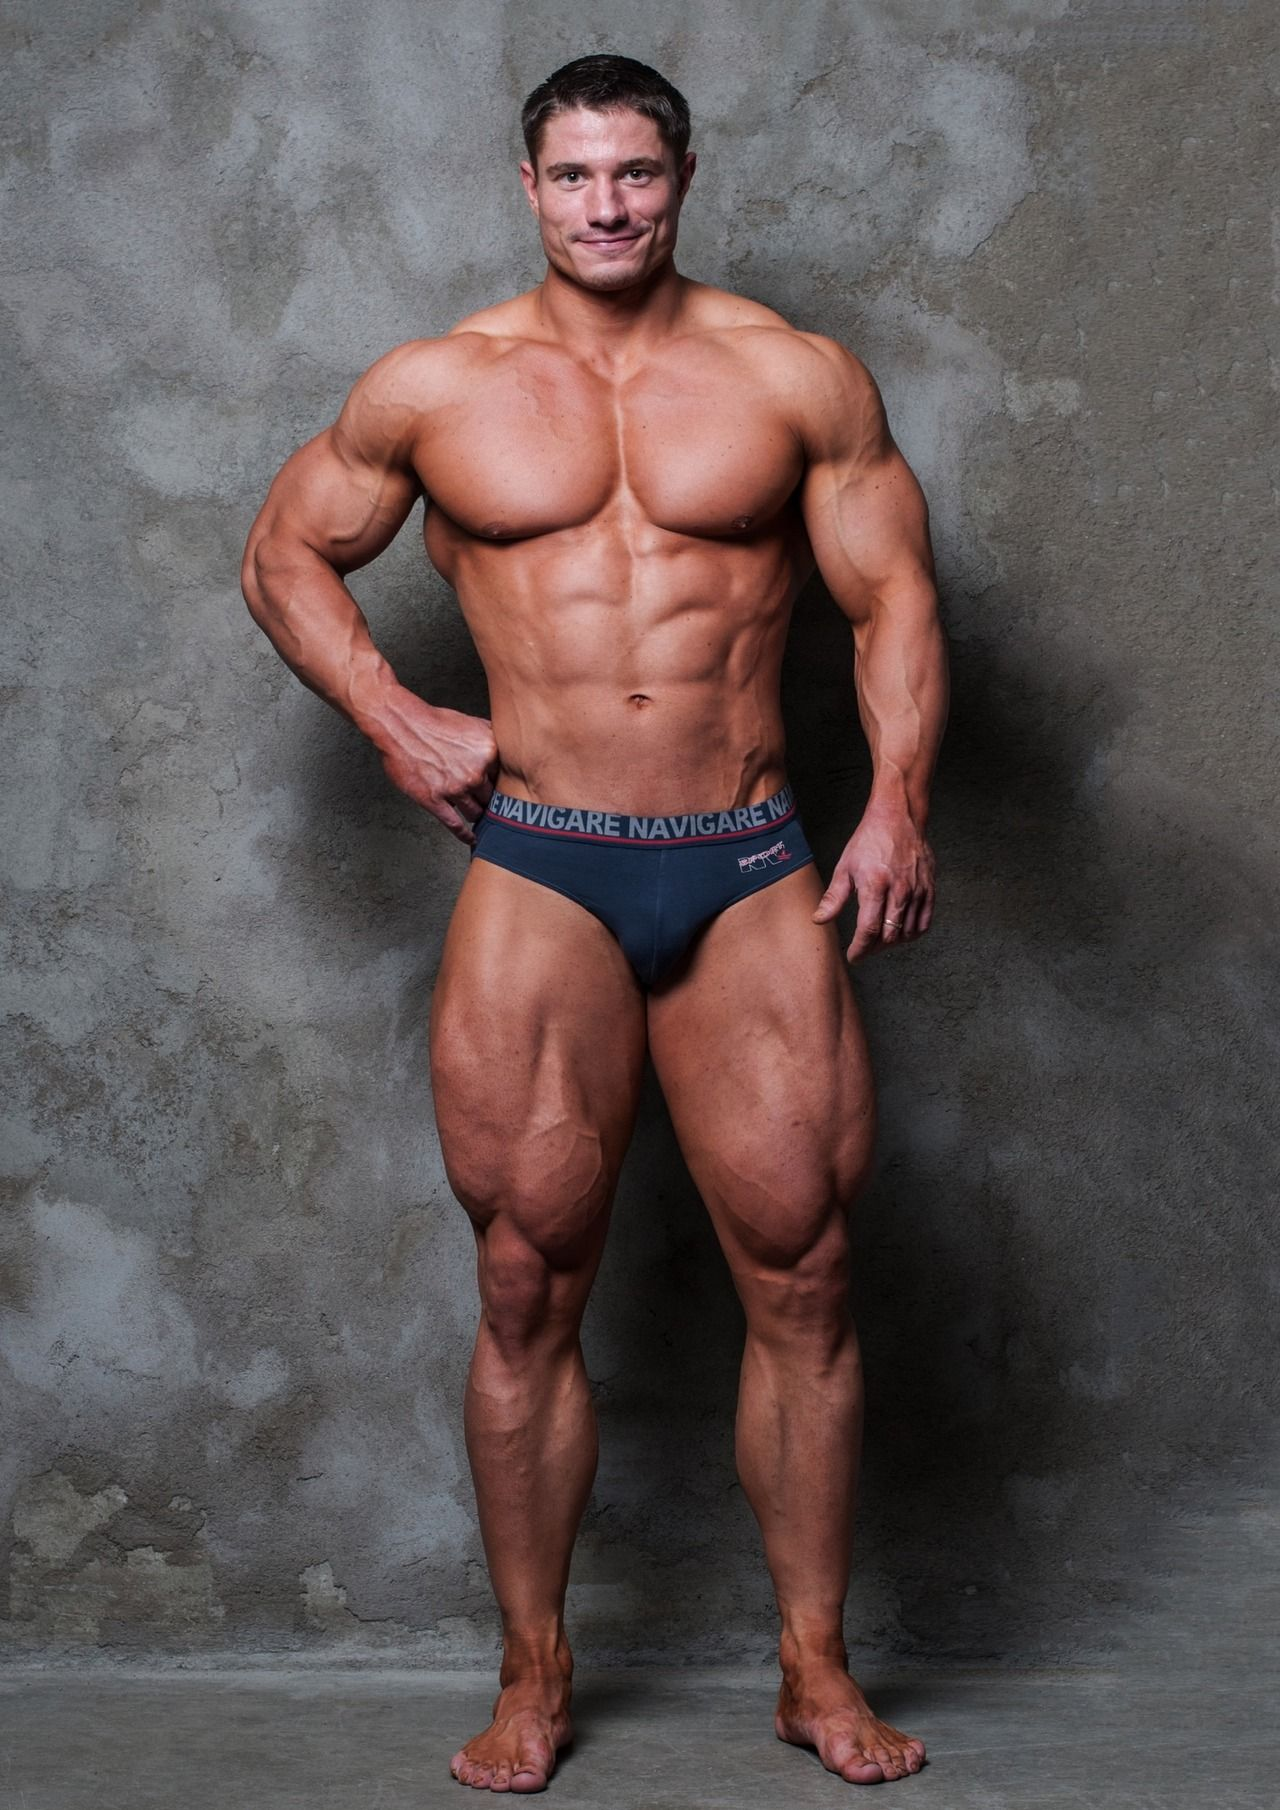 Male bodybuilder strip videos gabarit mais